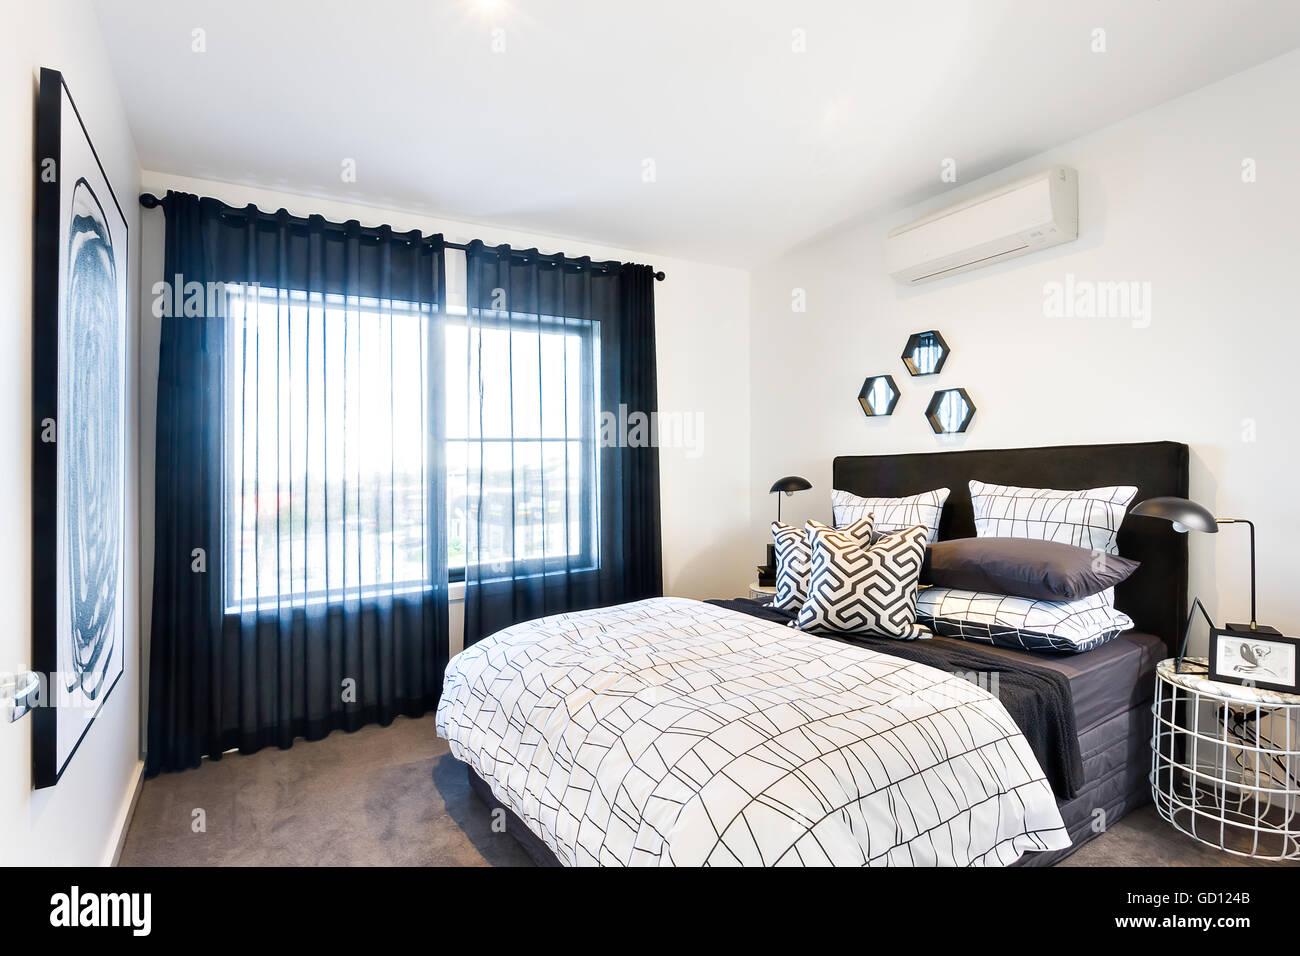 Luxus Schlafzimmer Mit Sonnenlicht Durch Den Schwarzen Vorhang Neben Das  Bett Und Die Kissen In Der Nähe Der Lampen Beleuchtet